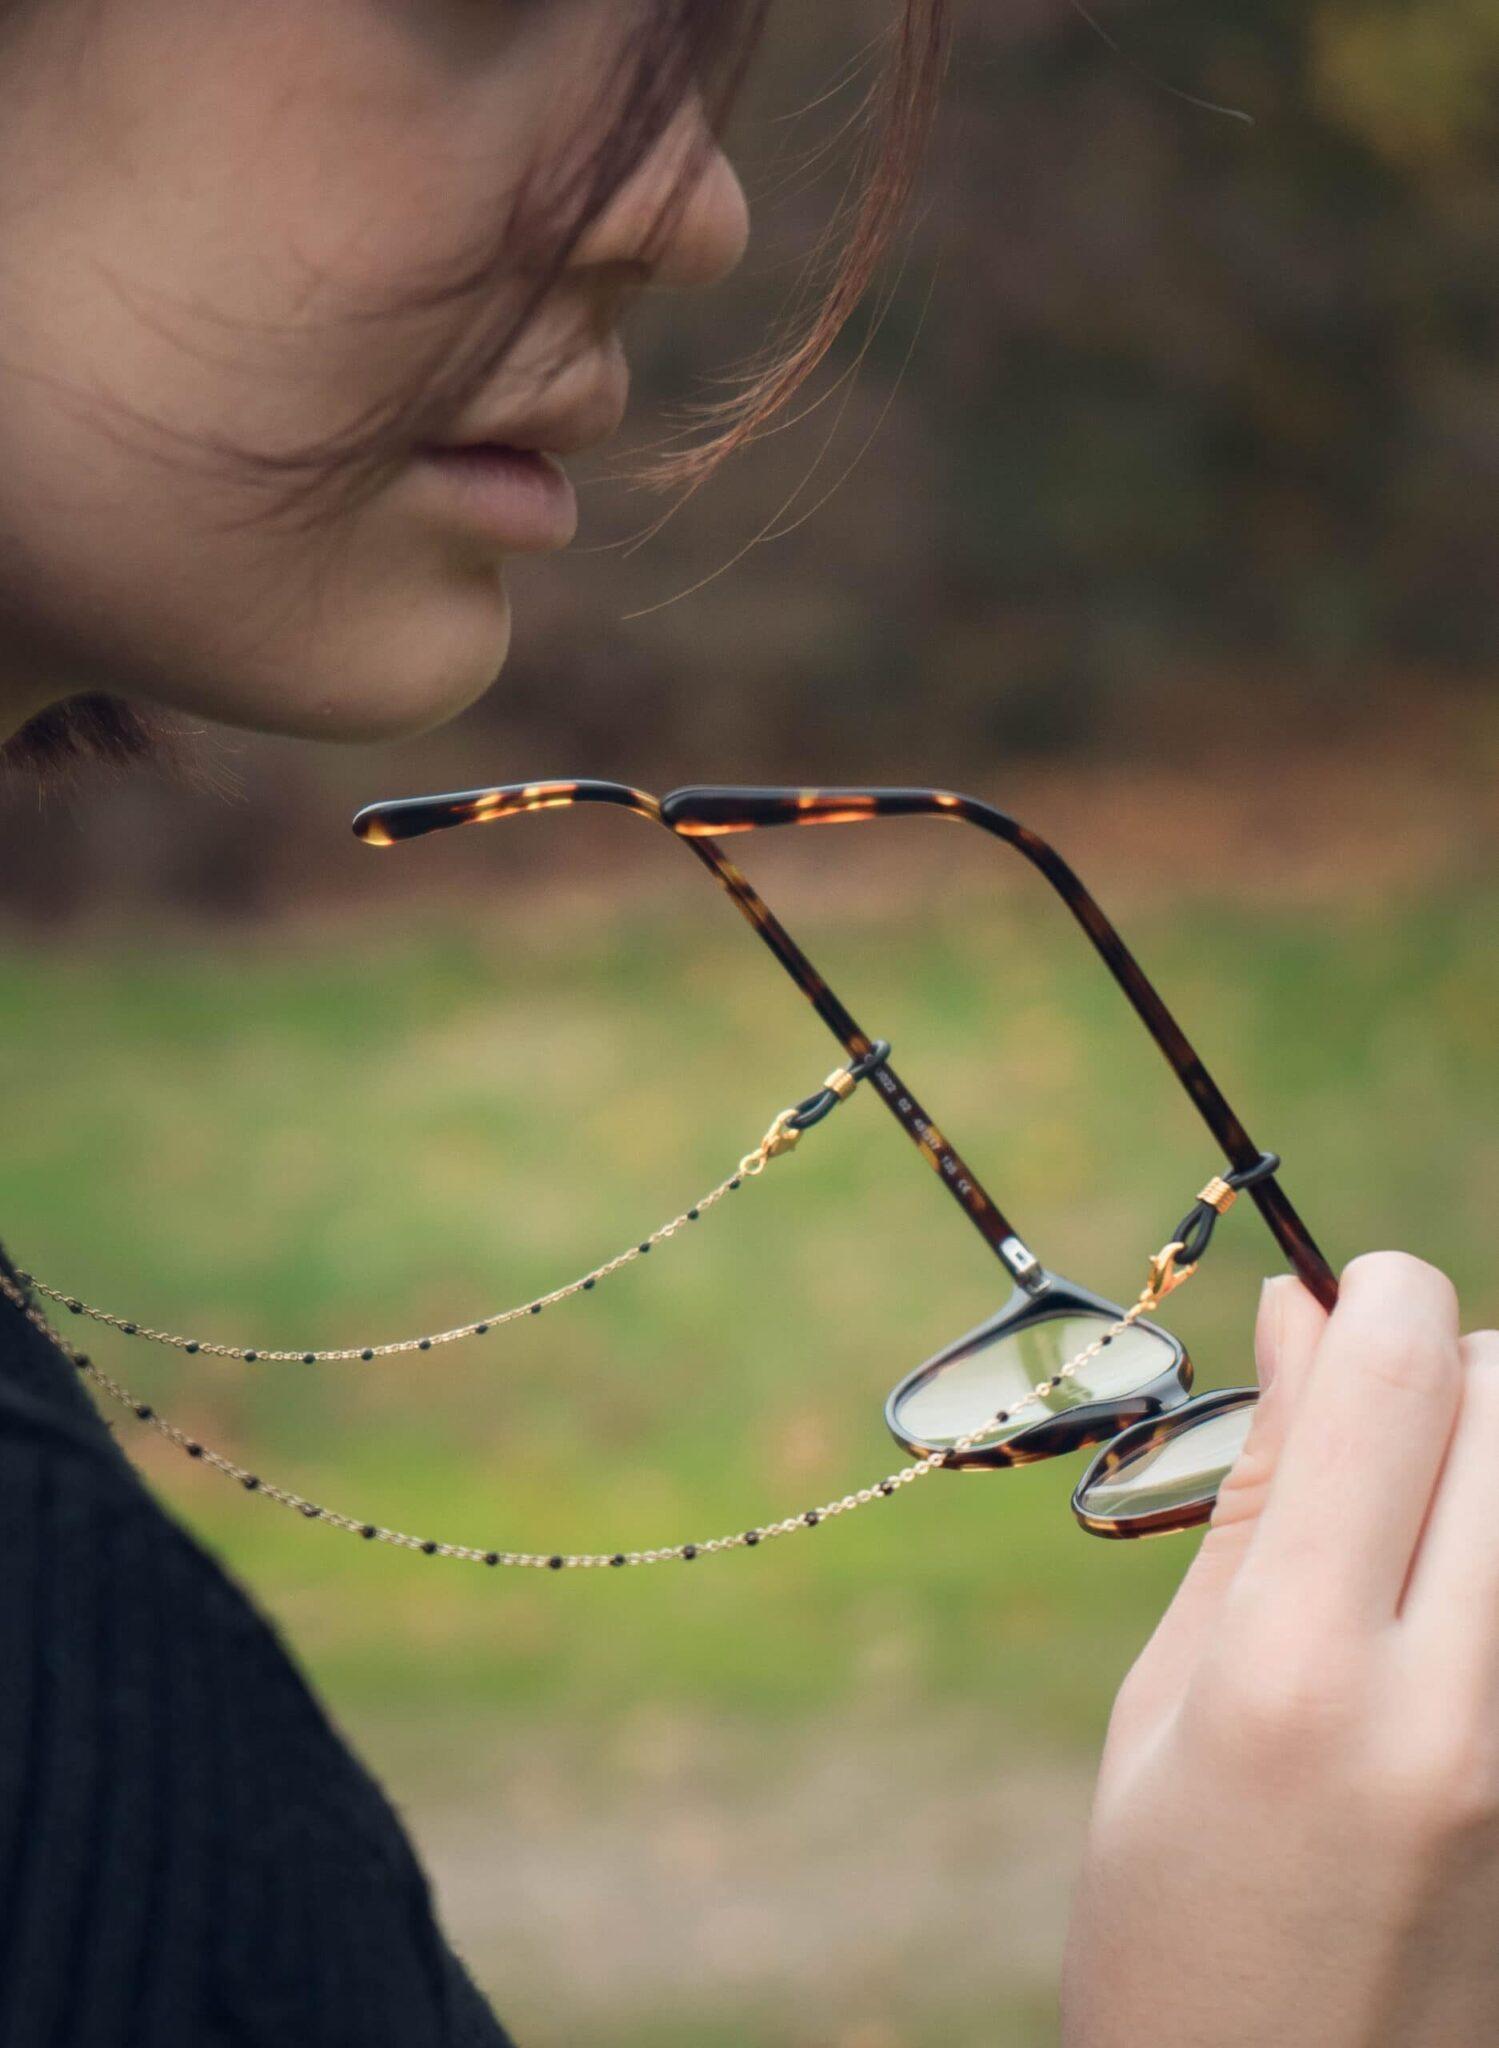 chaine de lunettes - bijou de lunettes - modèle Rome